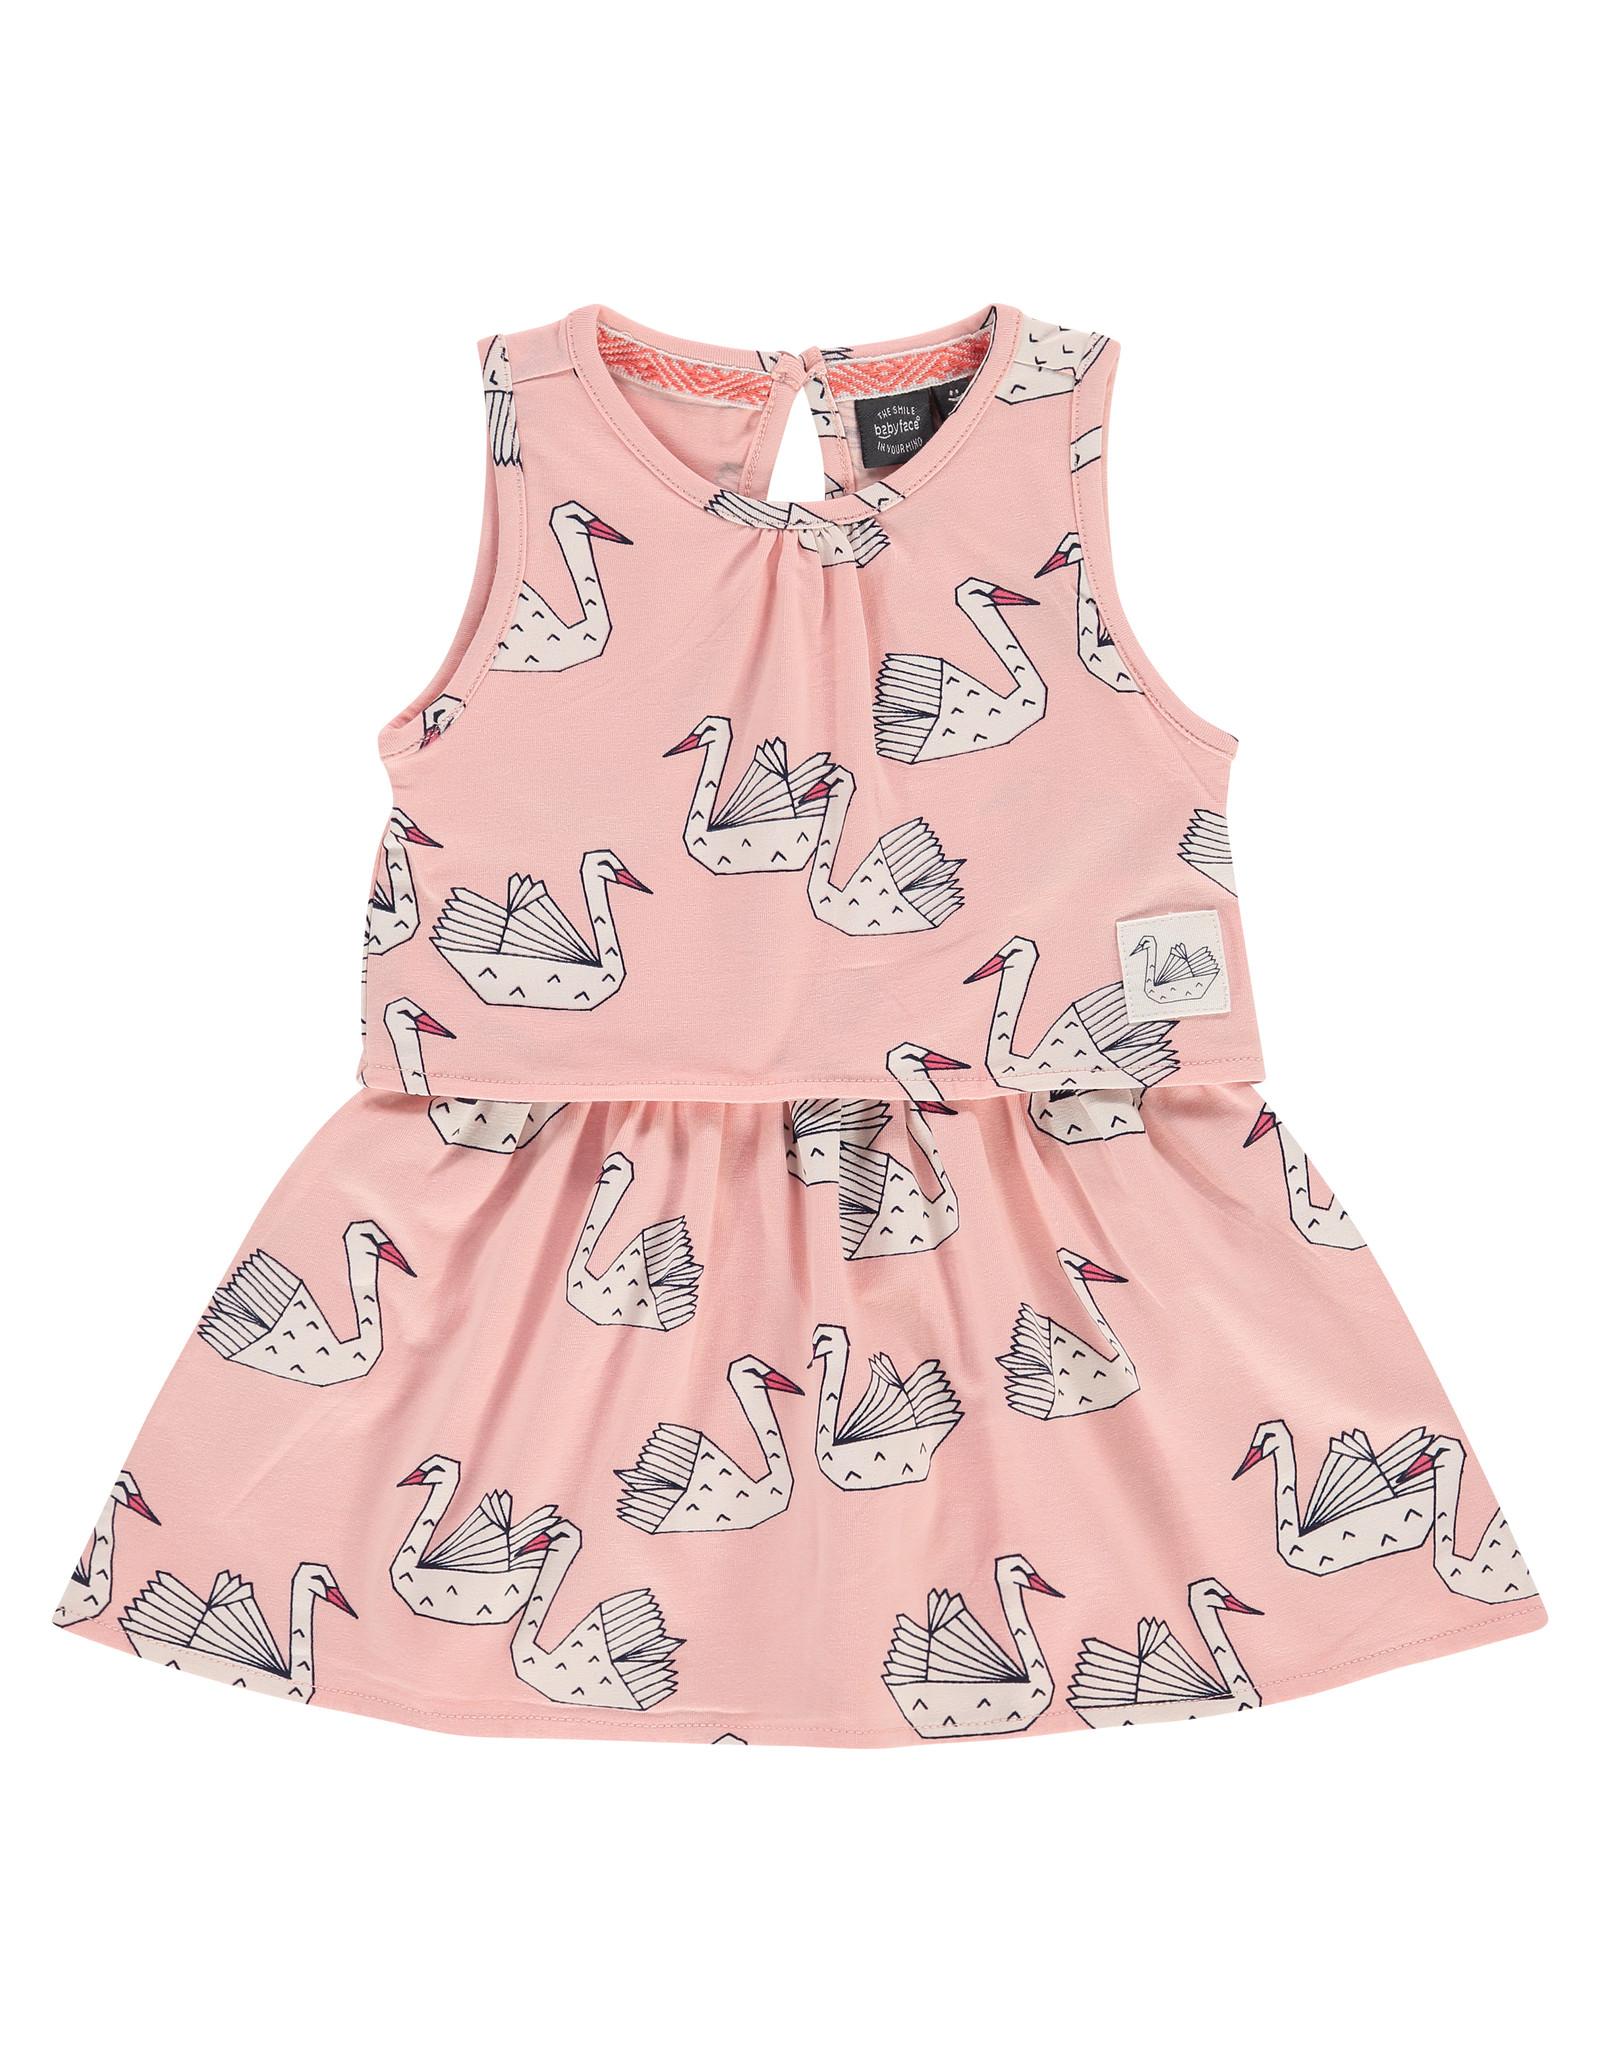 Babyface girls dress, blush pink, BBE21208744